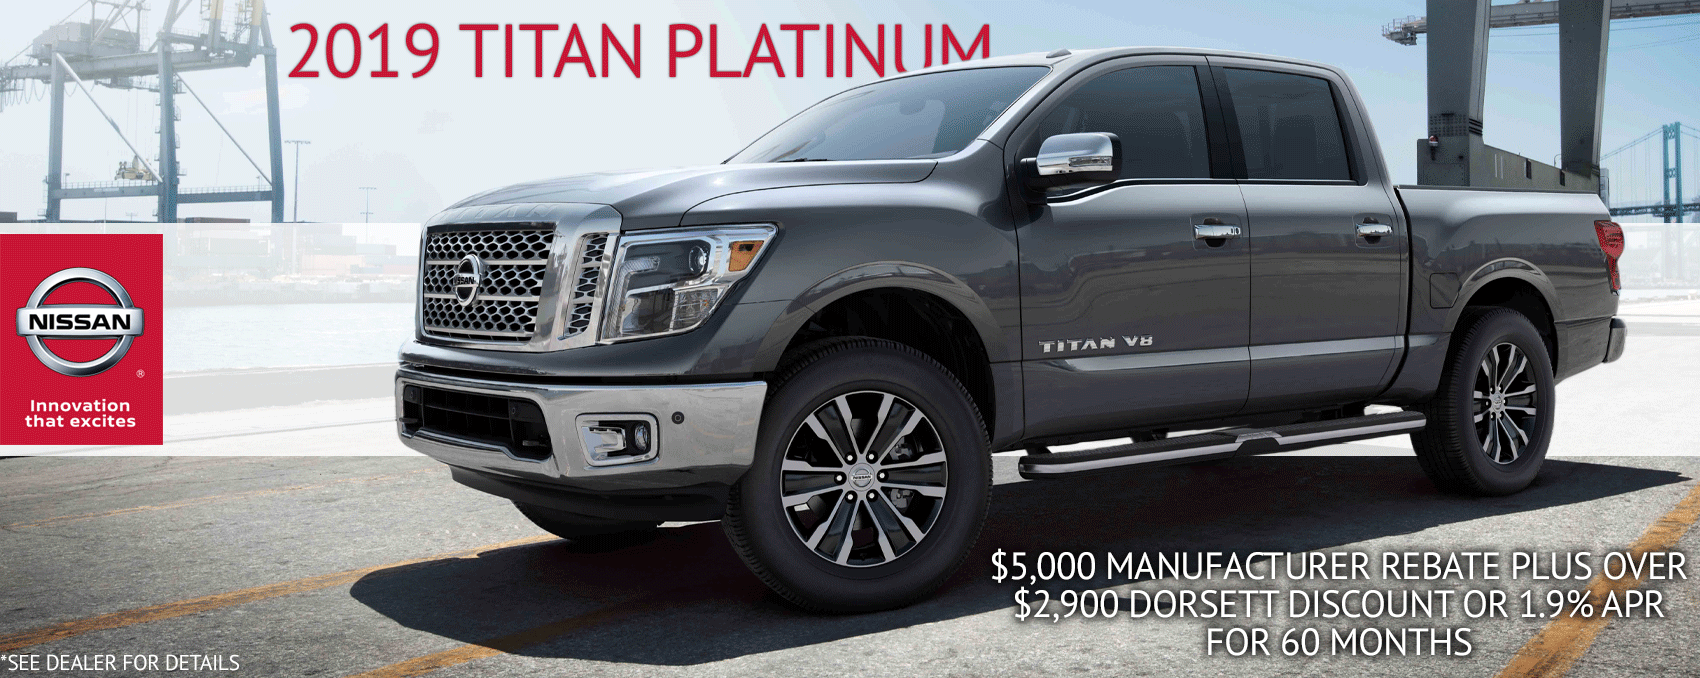 2019 Titan Platinum Dorsett Aug